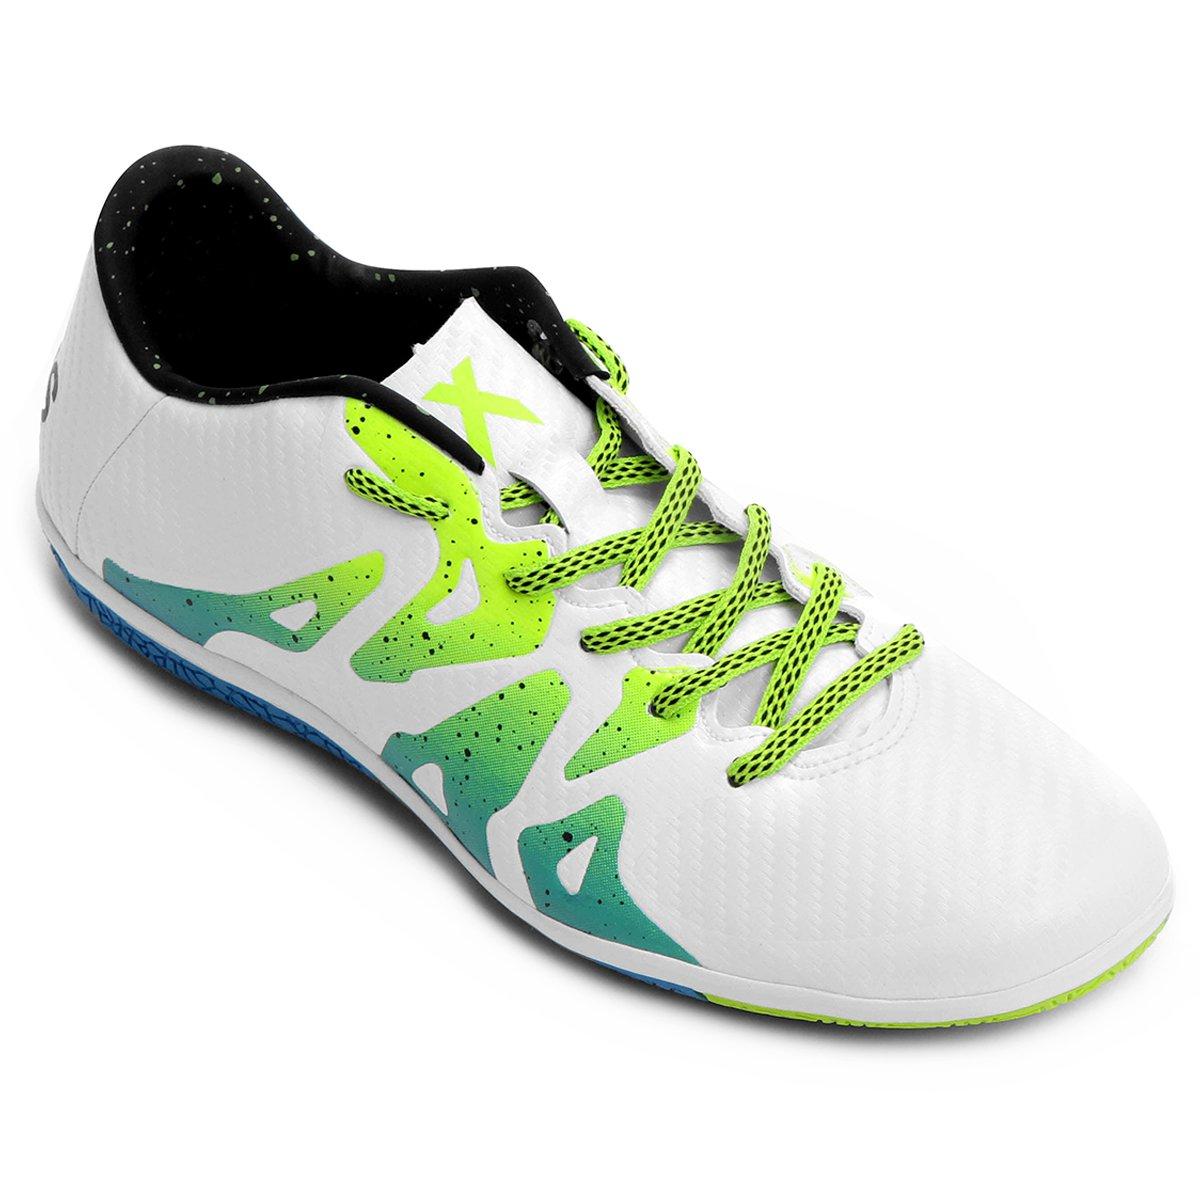 71dbeff385bfb Chuteira Futsal Adidas X 15 3 IN Masculina - Branco e Verde Limão - Compre  Agora